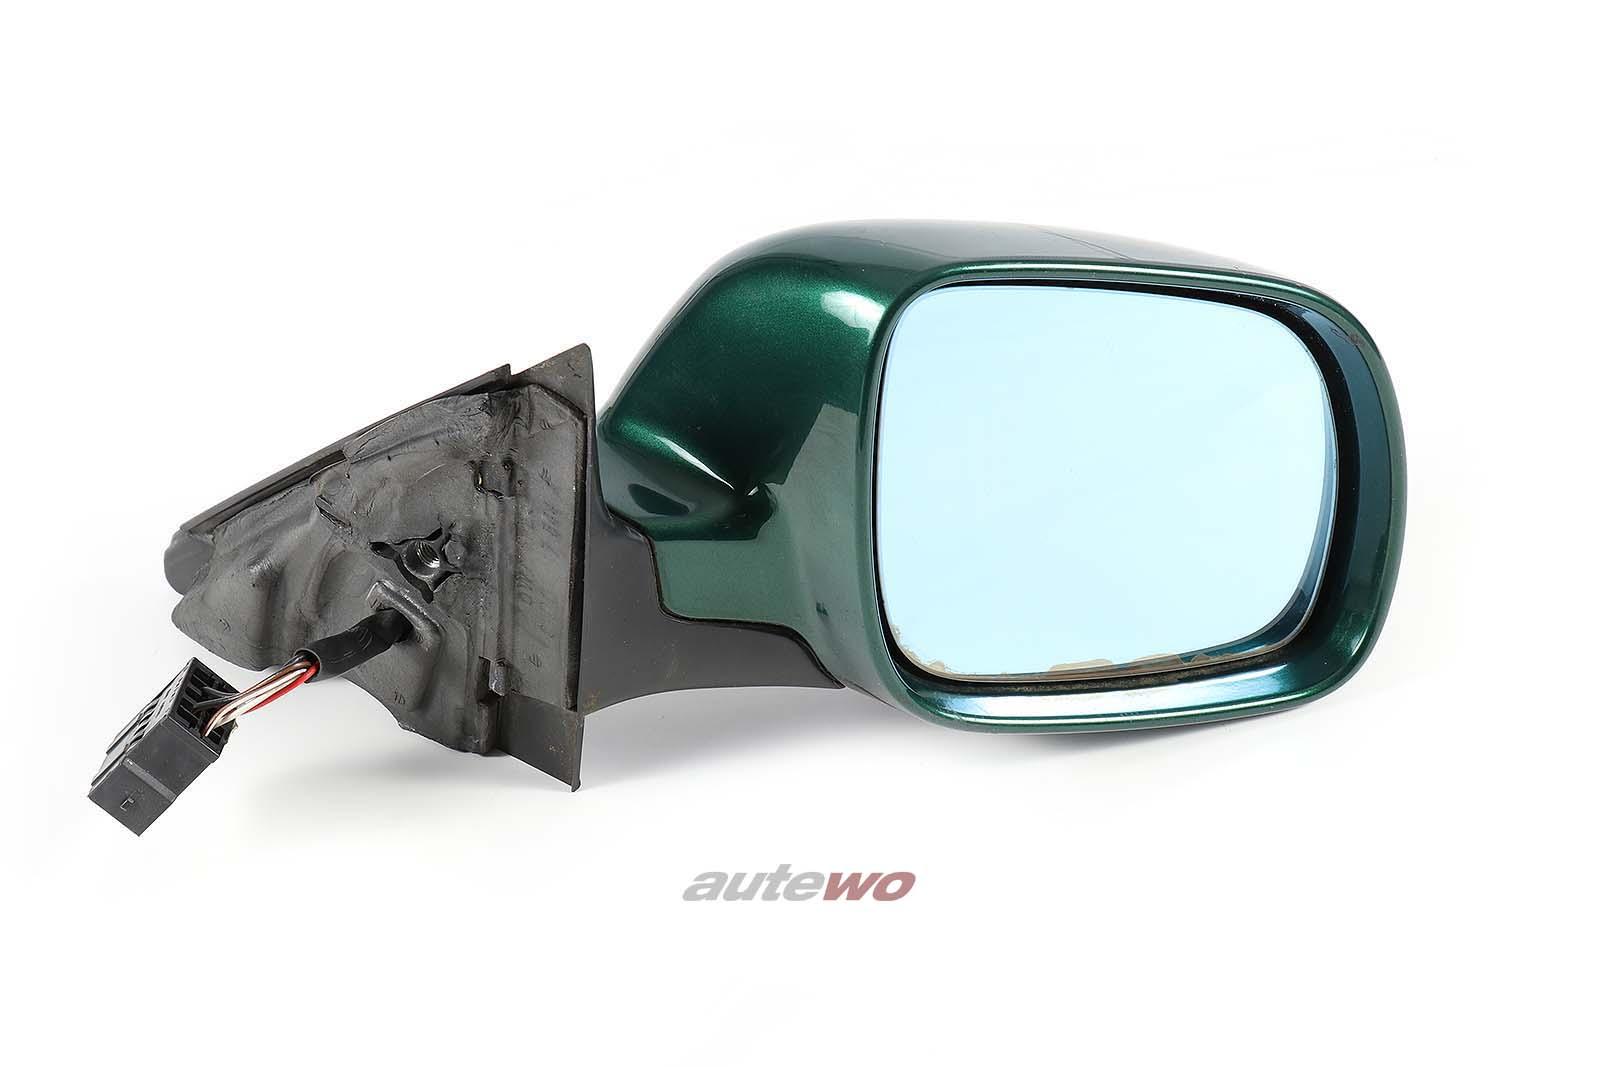 8D1858532C Audi A4/S4 B5 elektr. Außenspiegel Rechts grün